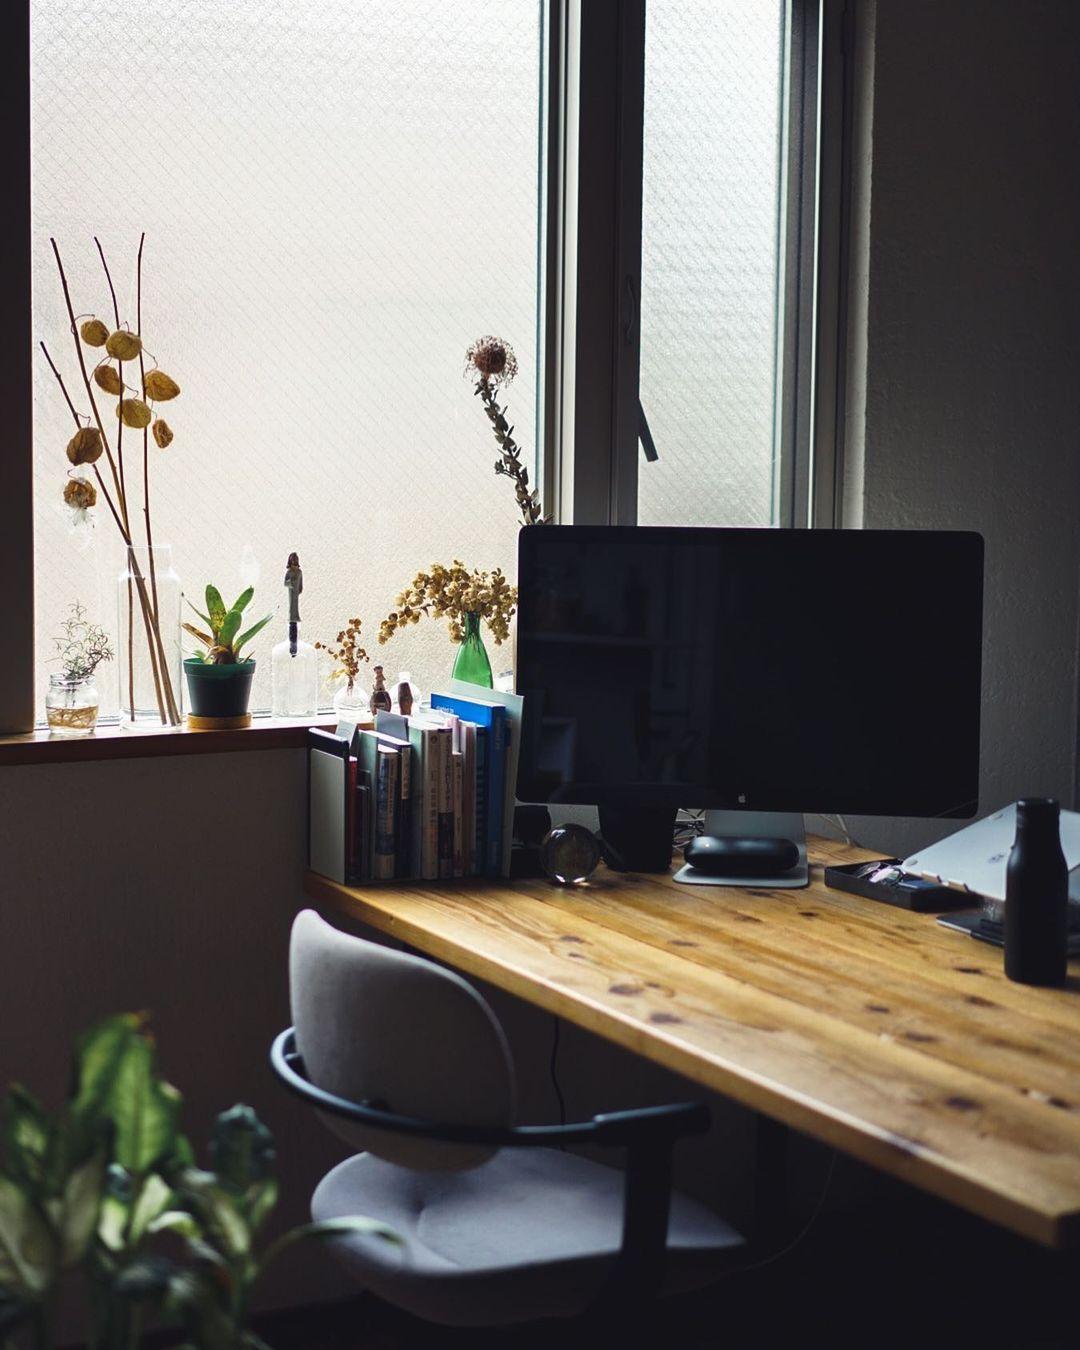 在宅でのお仕事も増え、少し職場のような雰囲気にもなっているというダイニングスペース。かなでもののダイニングテーブルに、合わせていらっしゃるのはイトーキのバーテブラ03。